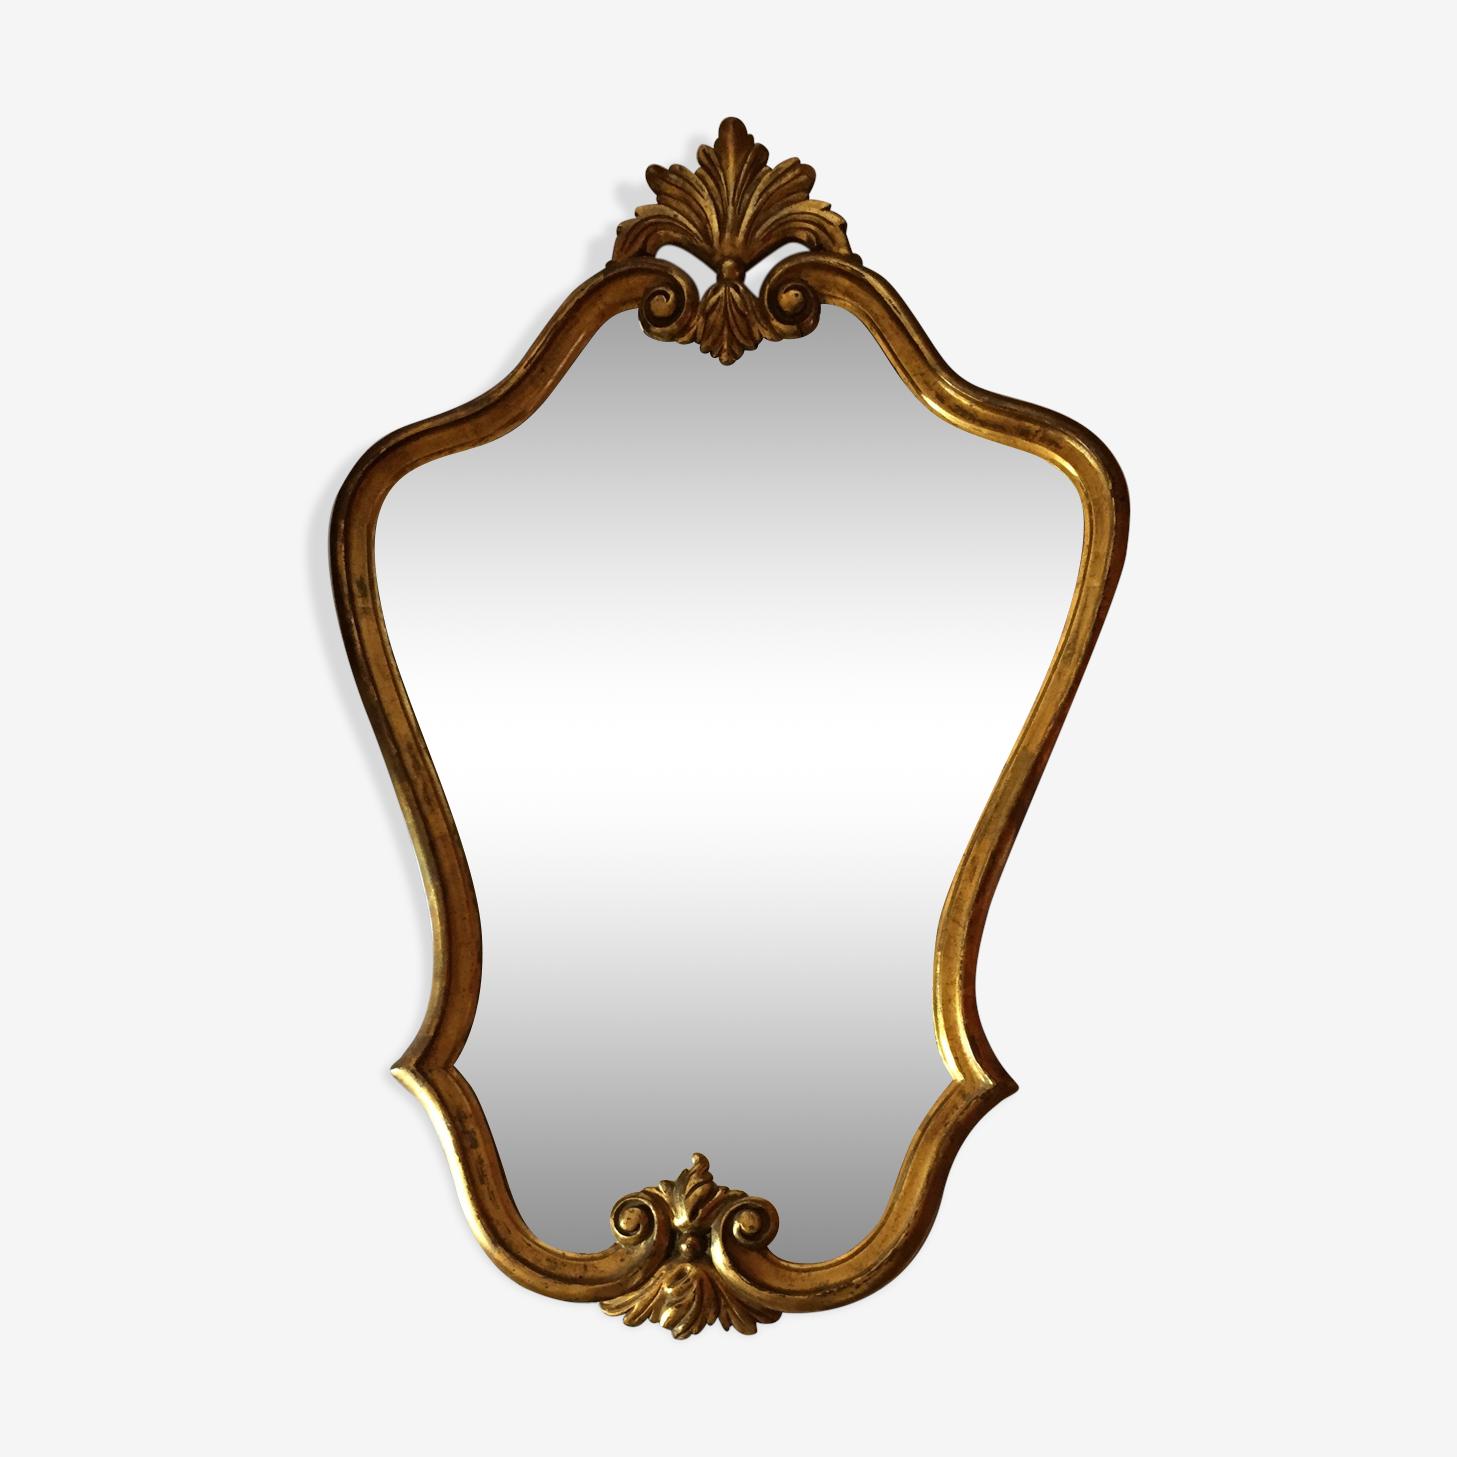 Miroir en bois doré 90x60cm